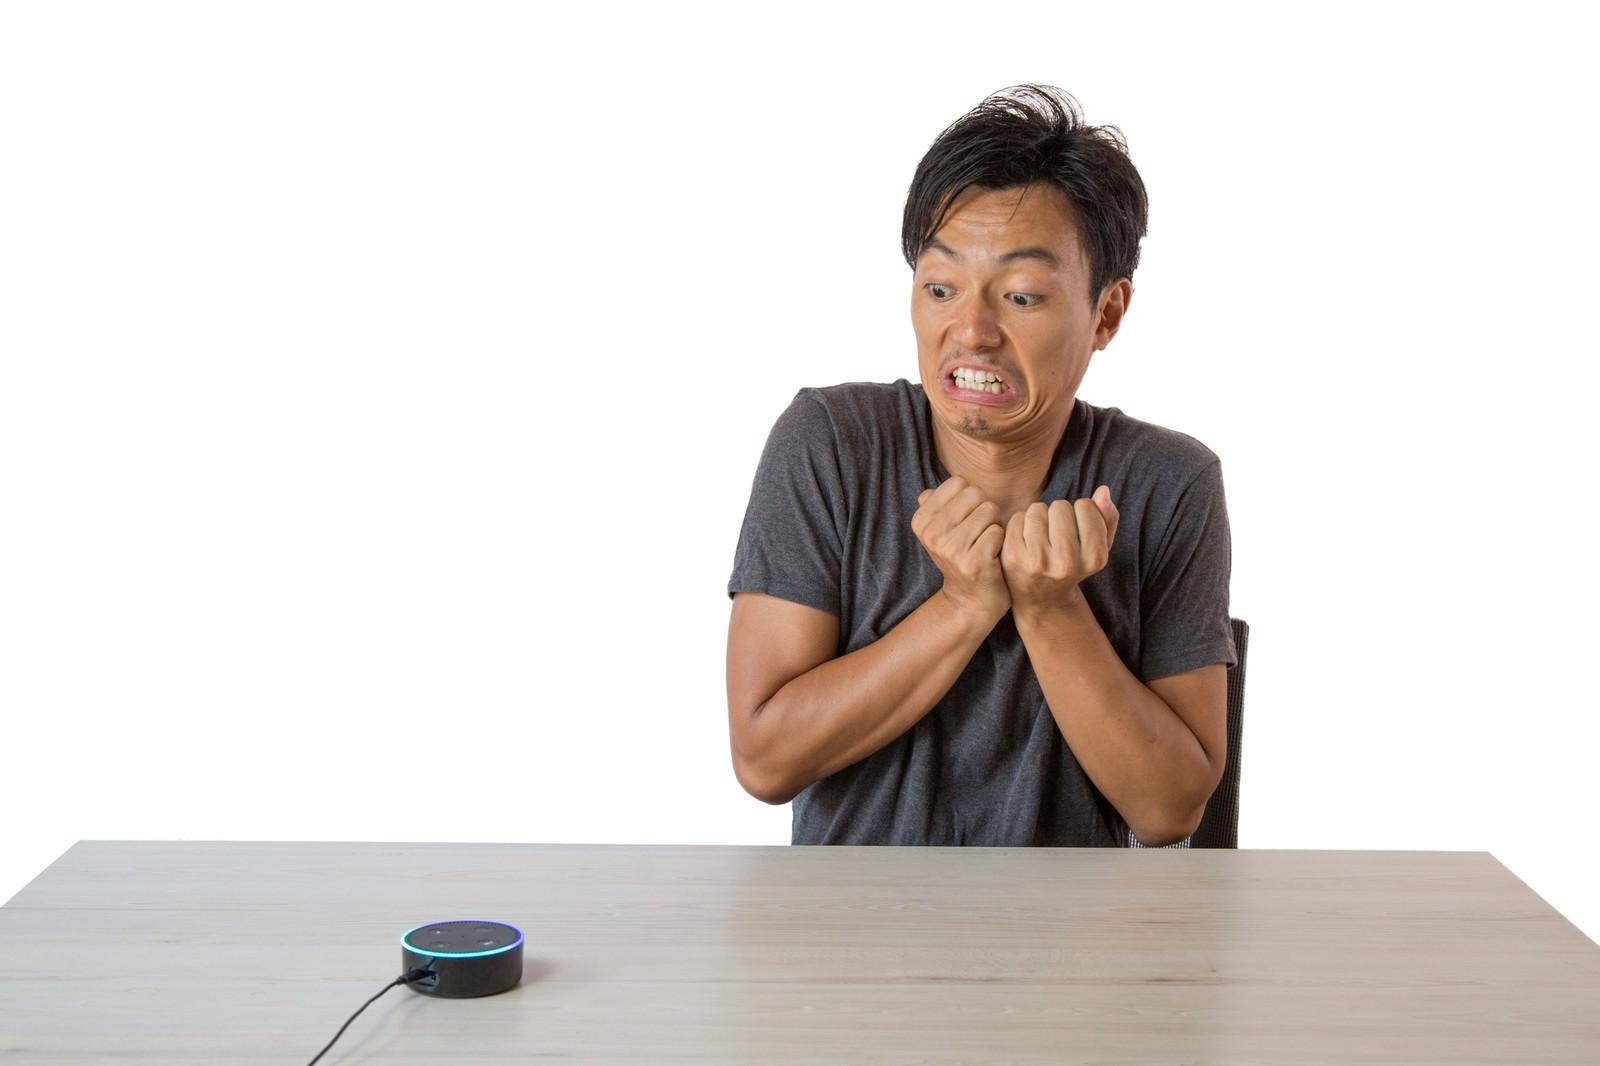 「スマートスピーカーの音声アシストが認識してくれない」の写真[モデル:藤沢篤]